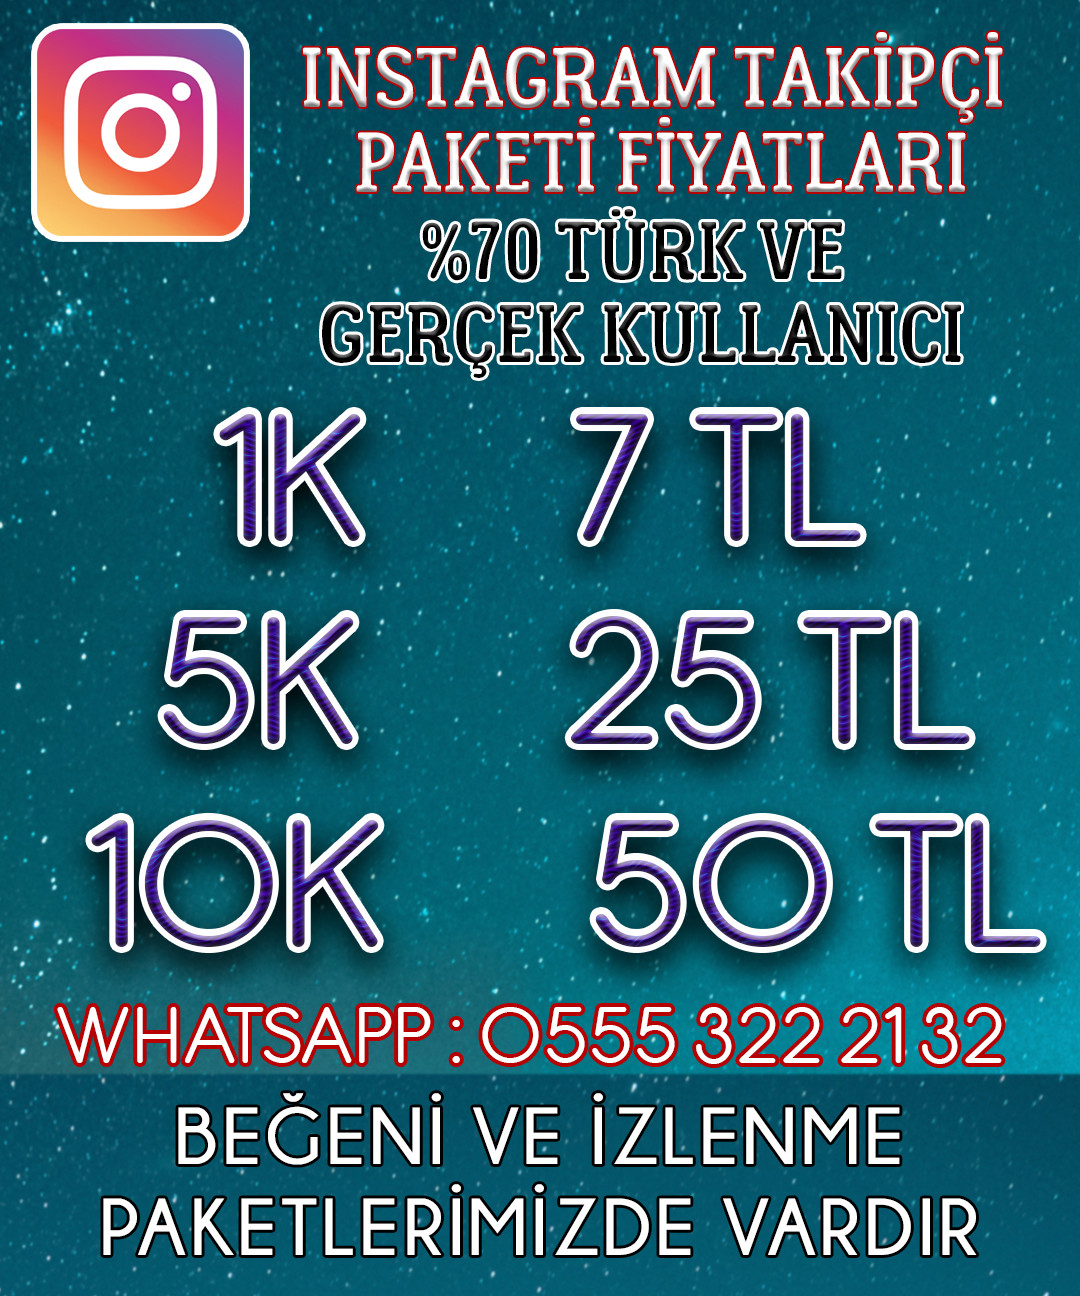 Instagram Takipçi İçin